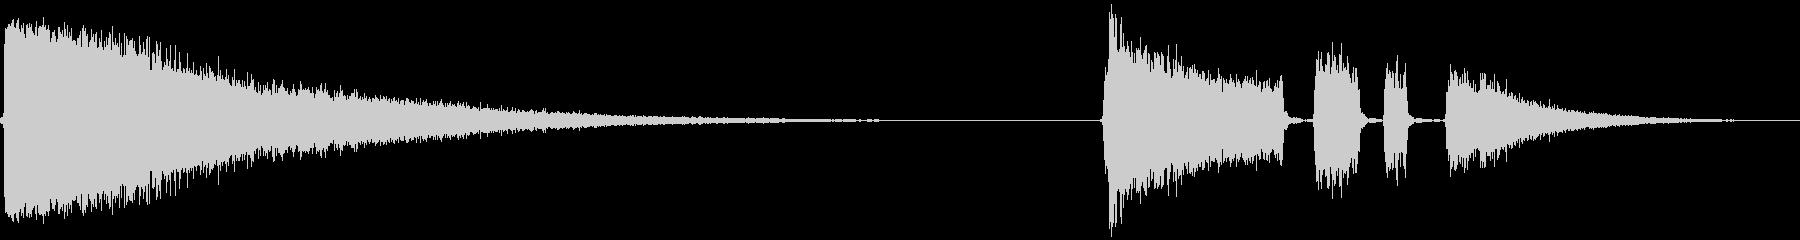 自転車用タイヤ:長時間の空気放出;...の未再生の波形